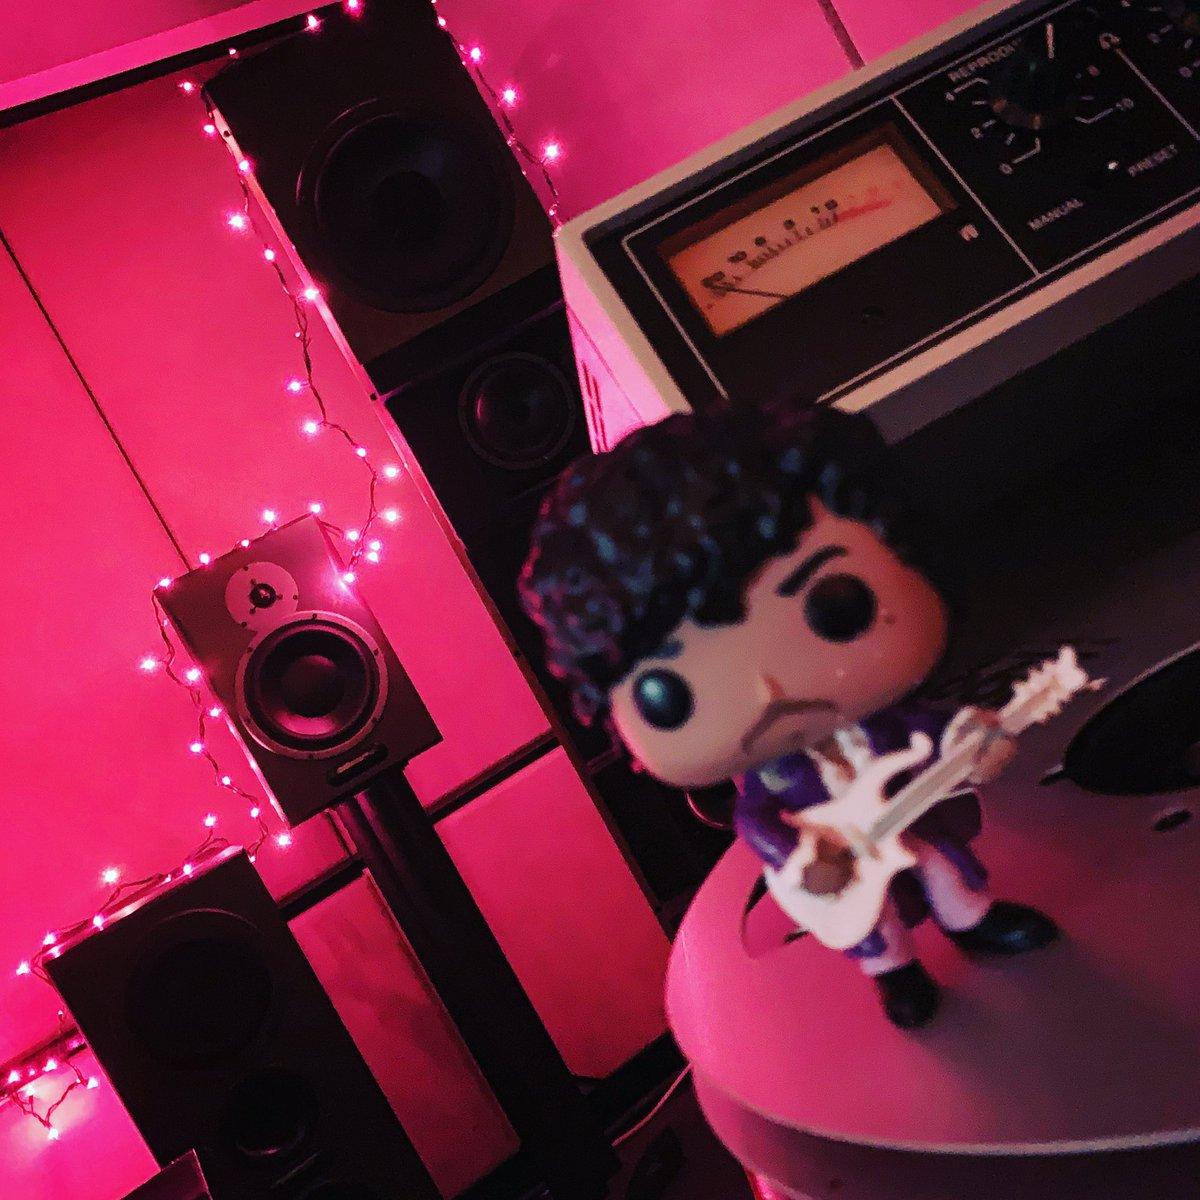 #purplerain #studiolife #masteringengineer